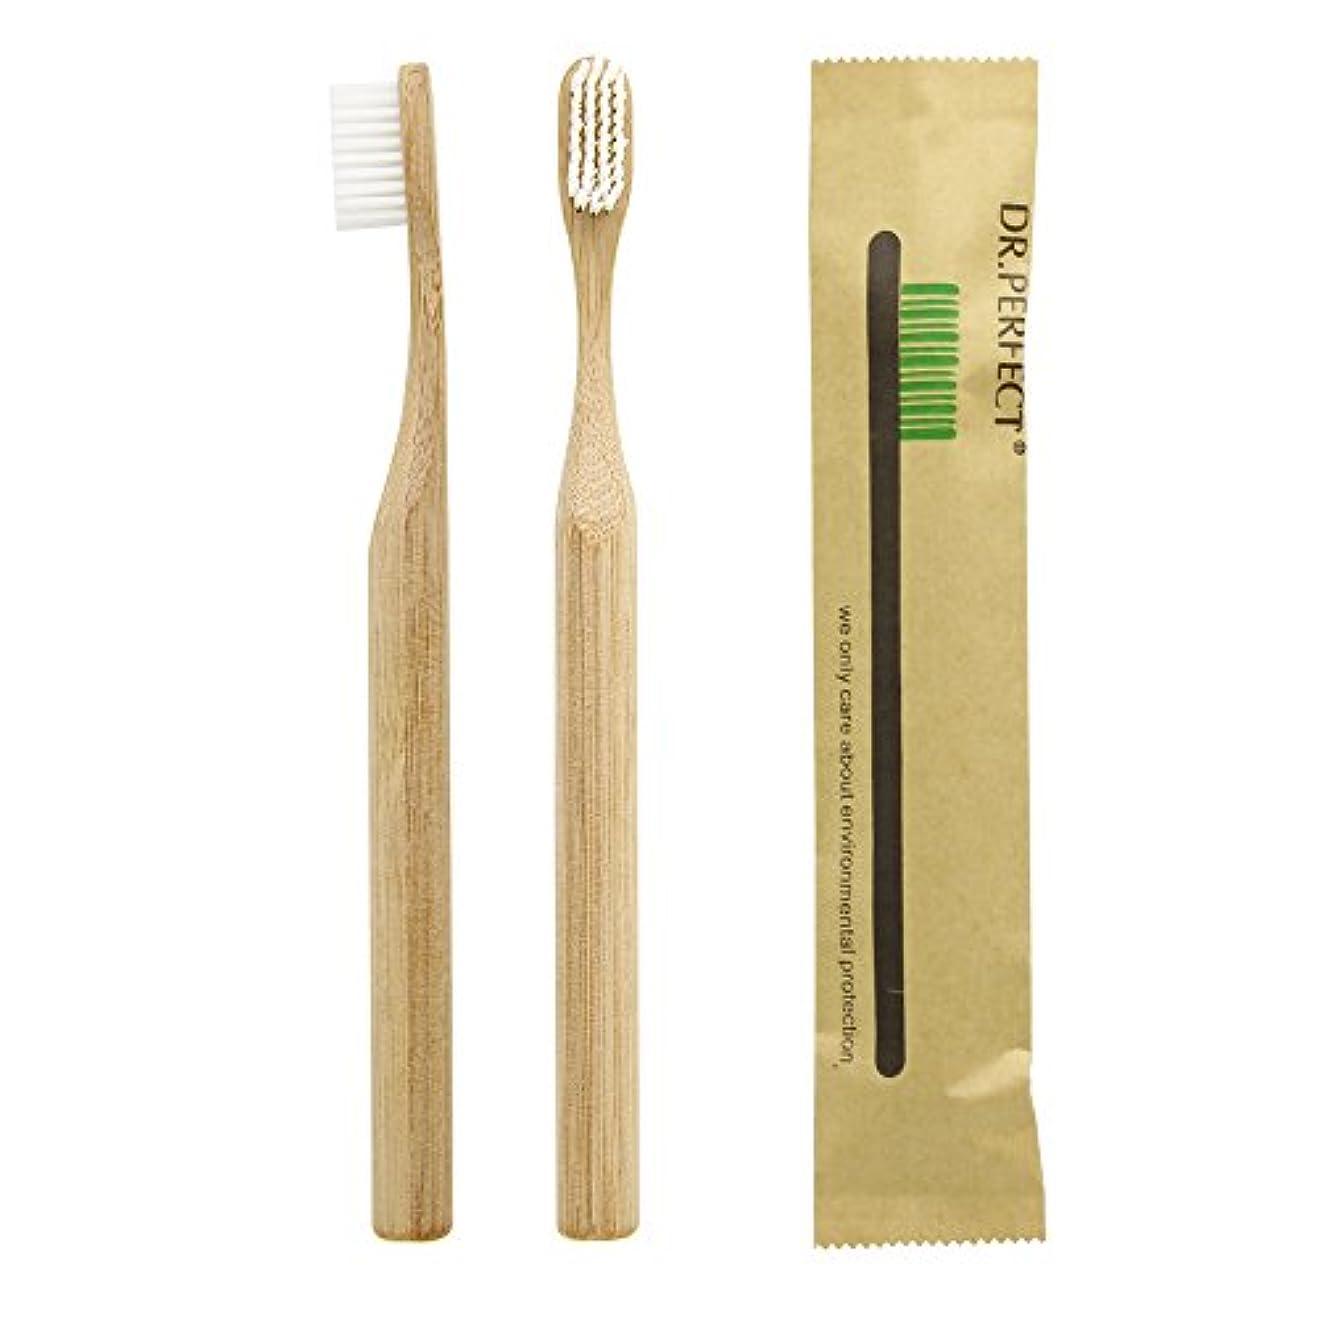 販売計画ピボット人種Dr.Perfect Bamboo Toothbrush アダルト竹の歯ブラシ ナイロン毛 環境にやさしい製品 (ホワイト)